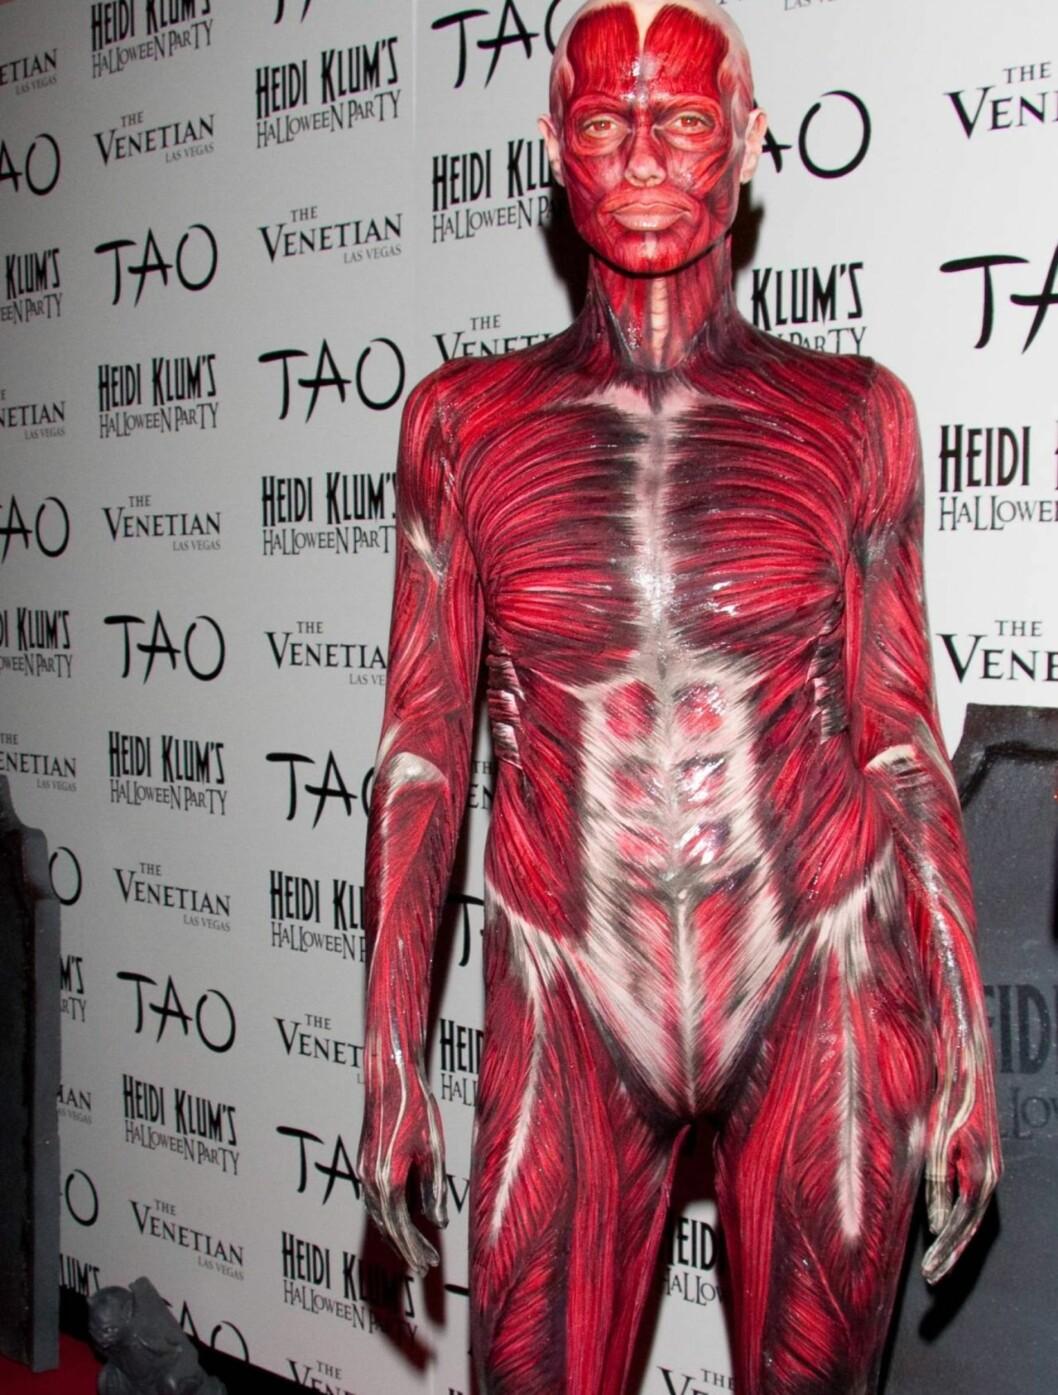 MUSKELBUNT: Heidi Klum hadde kledd seg ut som en muskelbunt... Foto: All Over Press